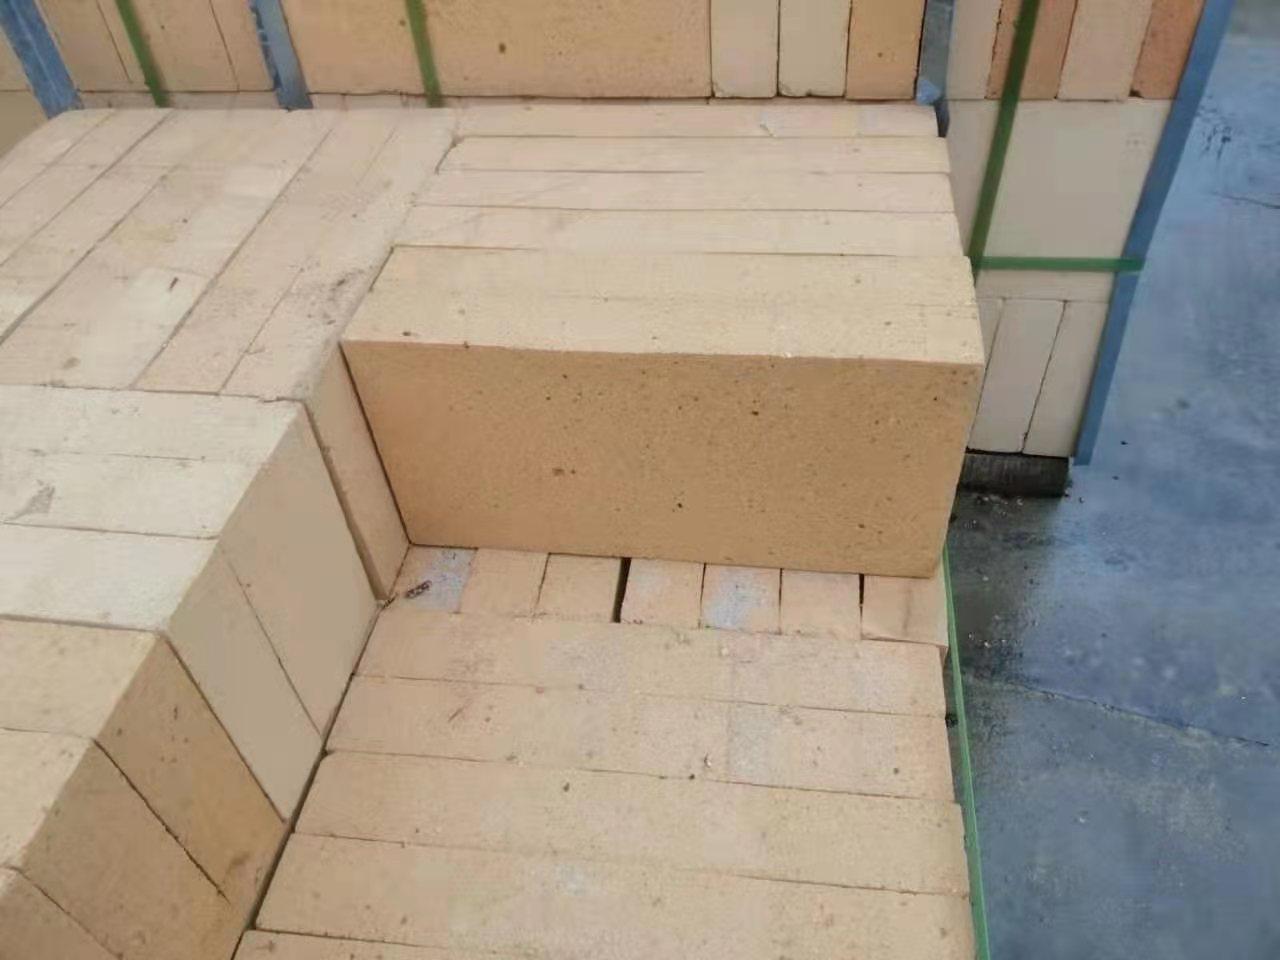 你知道高铝砖出现裂缝的原因以及解决方法吗